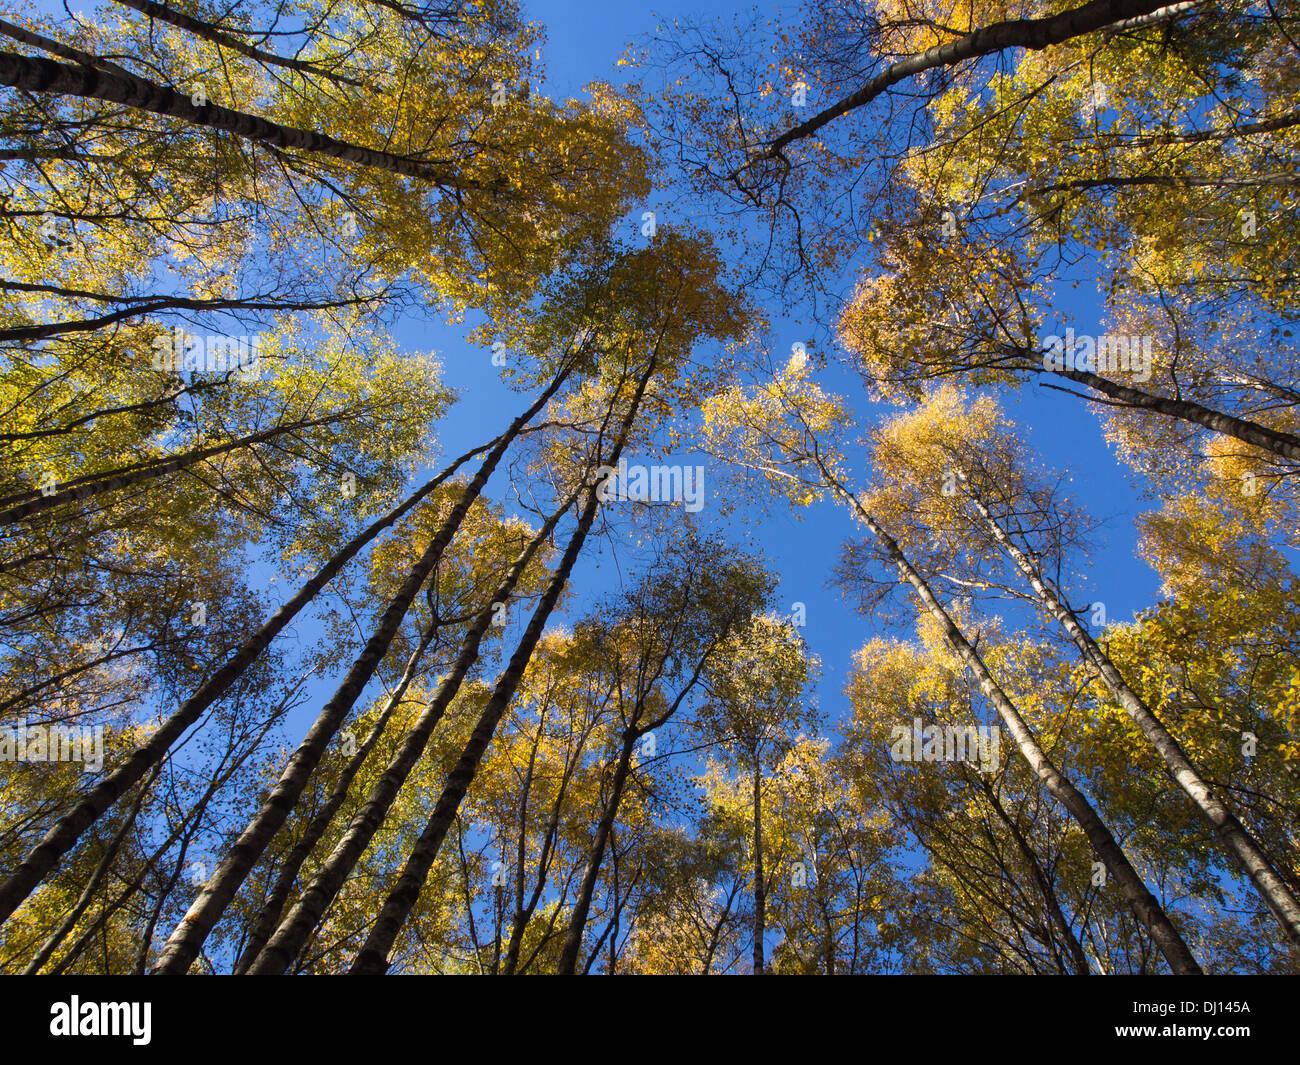 Autunno in un bosco di betulle, guardando verso l'alto sulle cime degli alberi con foglie di giallo e un cielo blu, Oslo Norvegia Immagini Stock